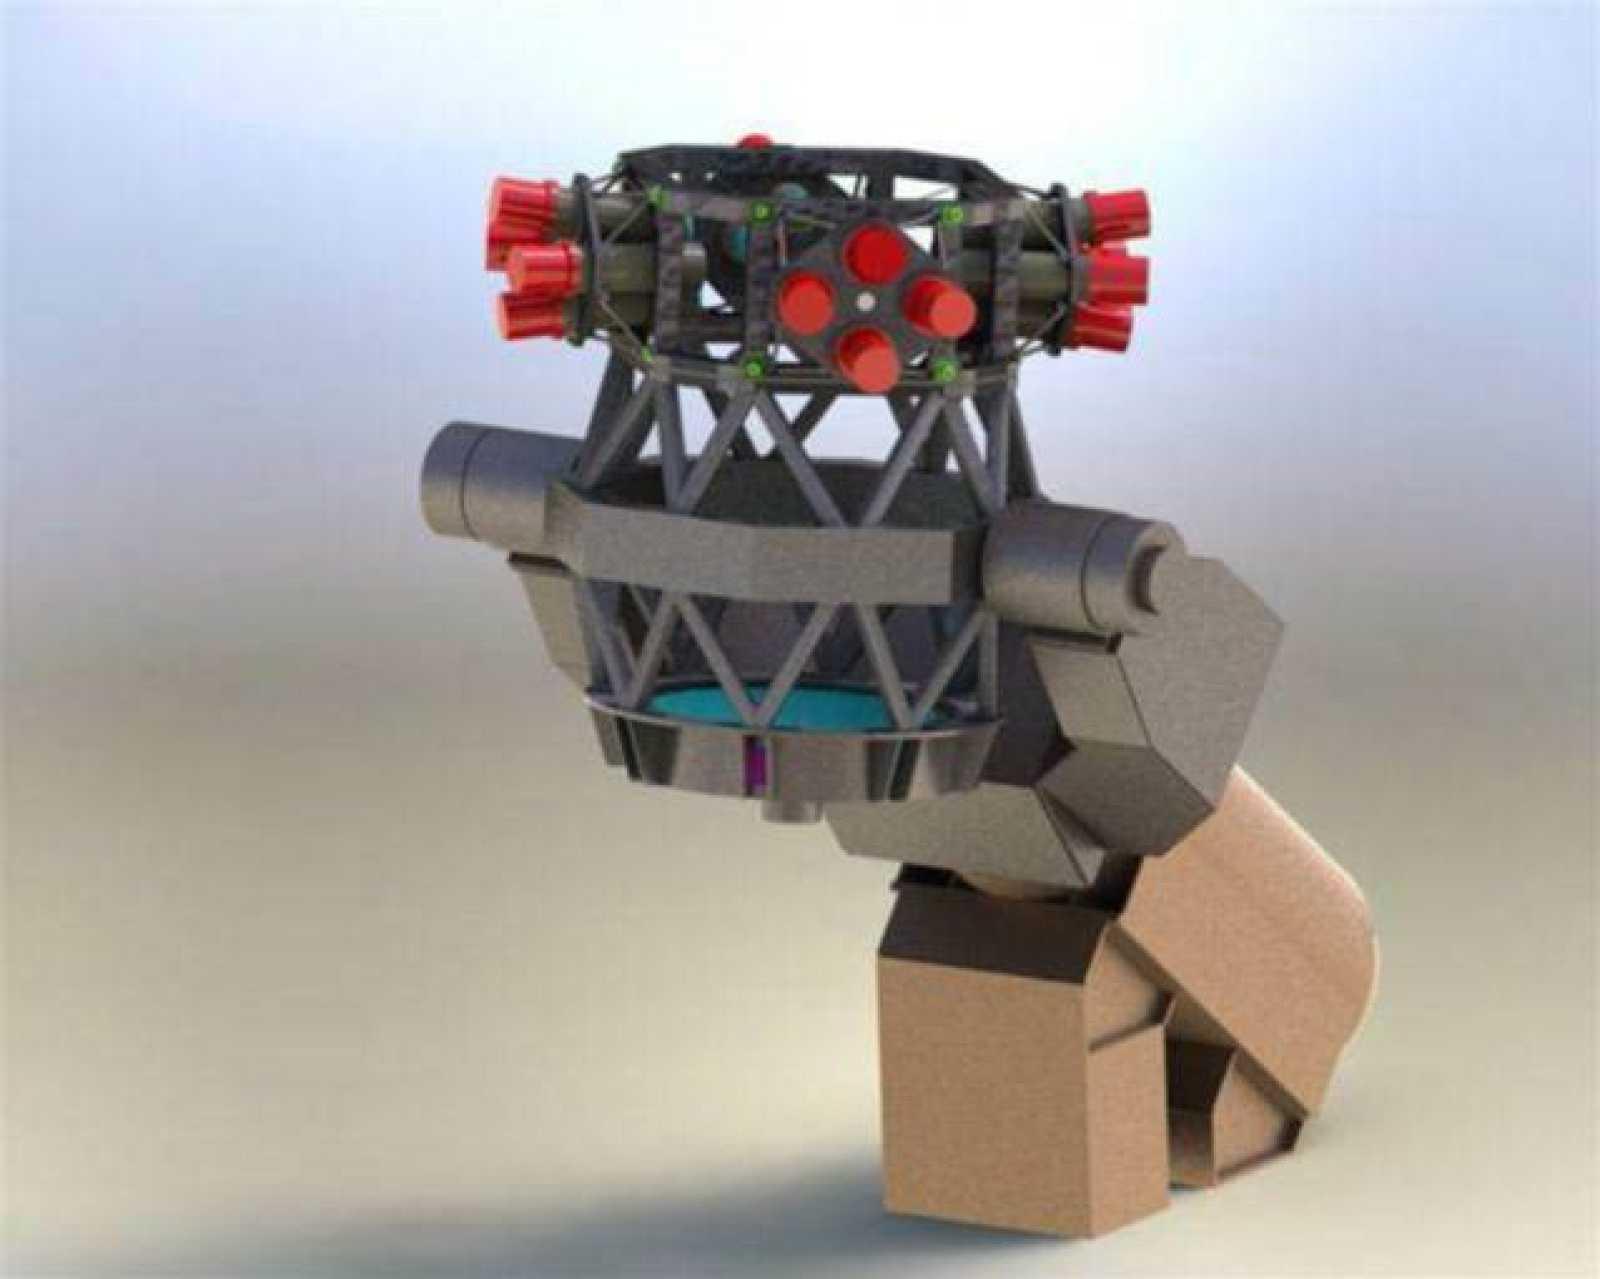 El diseño del nuevo telescopio incorpora 16 tubos ópticos que trabajan en conjunto como las facetas de los ojos de una mosca